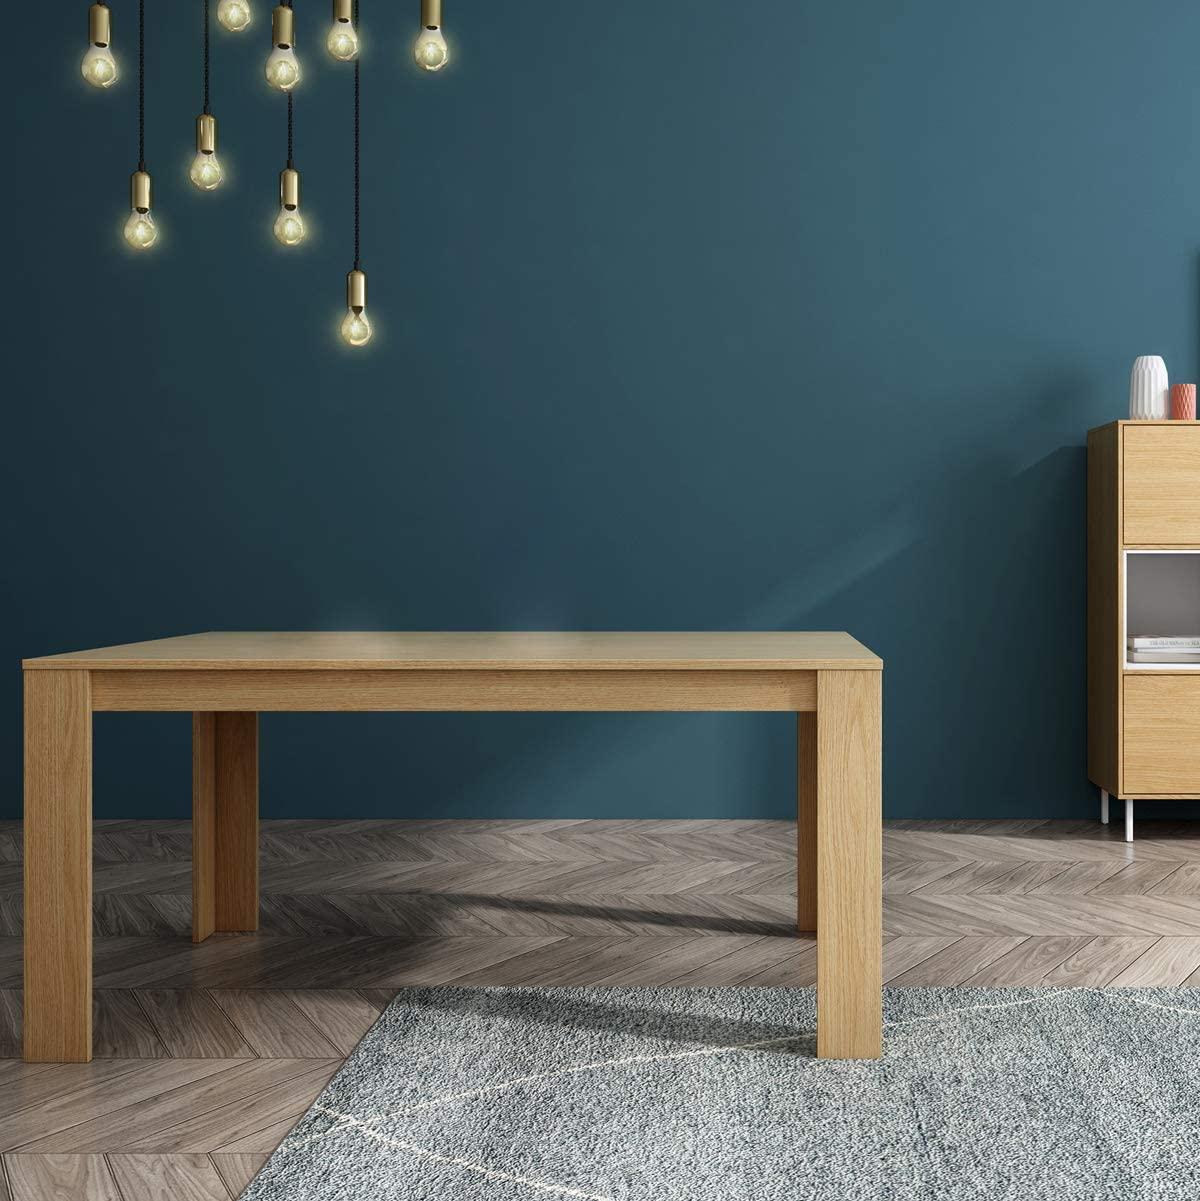 Mc Haus TROTTER - Mesa Comedor Madera Natural salon, Mesa cocina oficina de Diseño Rectangular con patas de madera 160x90x75 cm